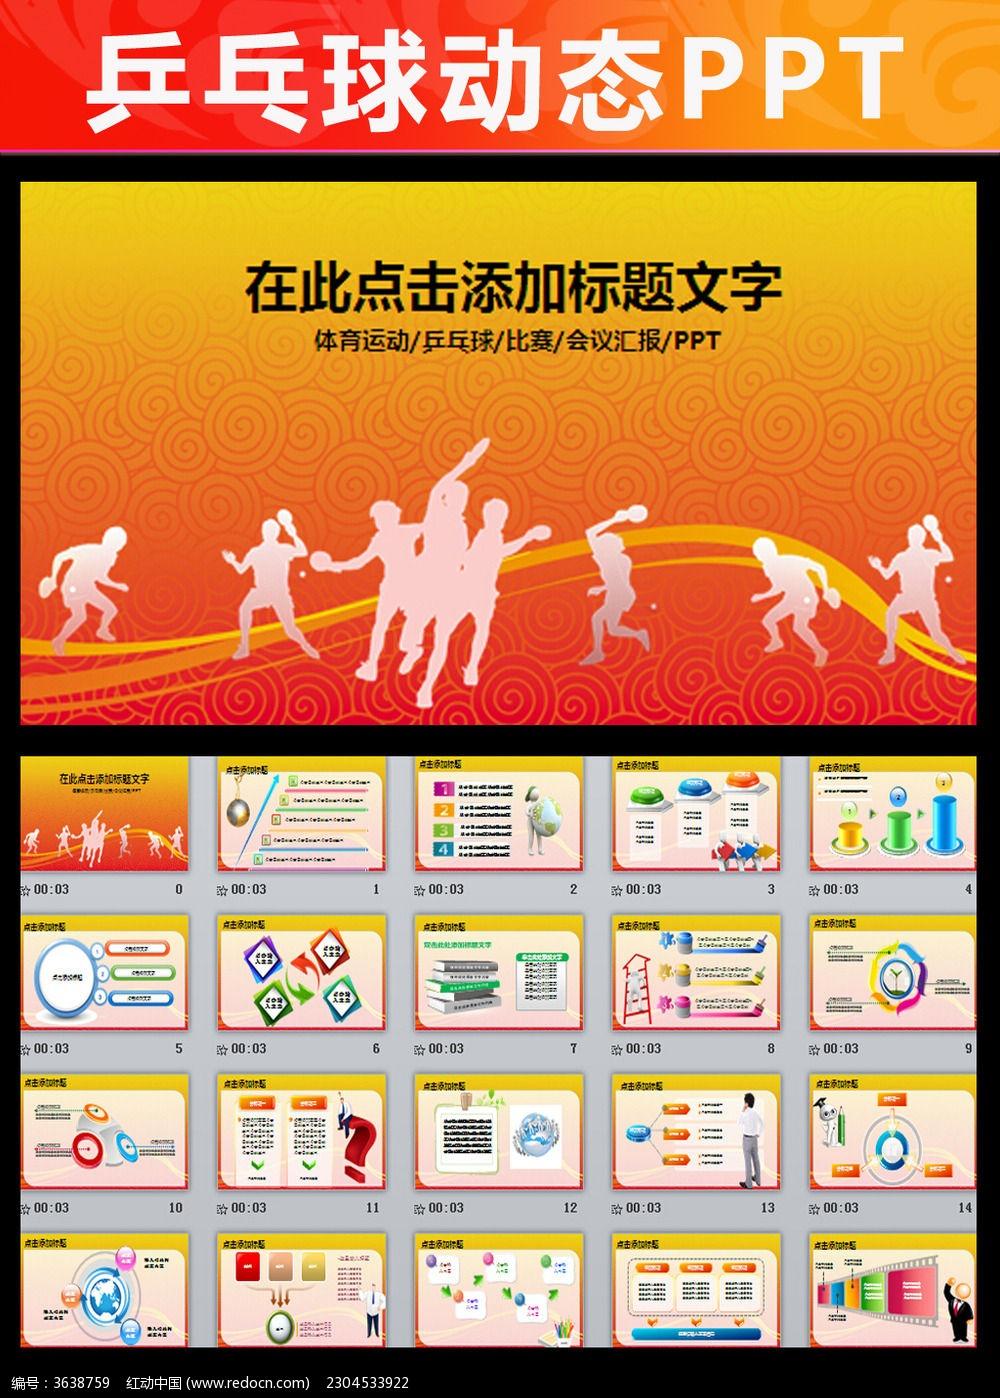 乒乓球围棋v围棋PPT体育考级分几级图片